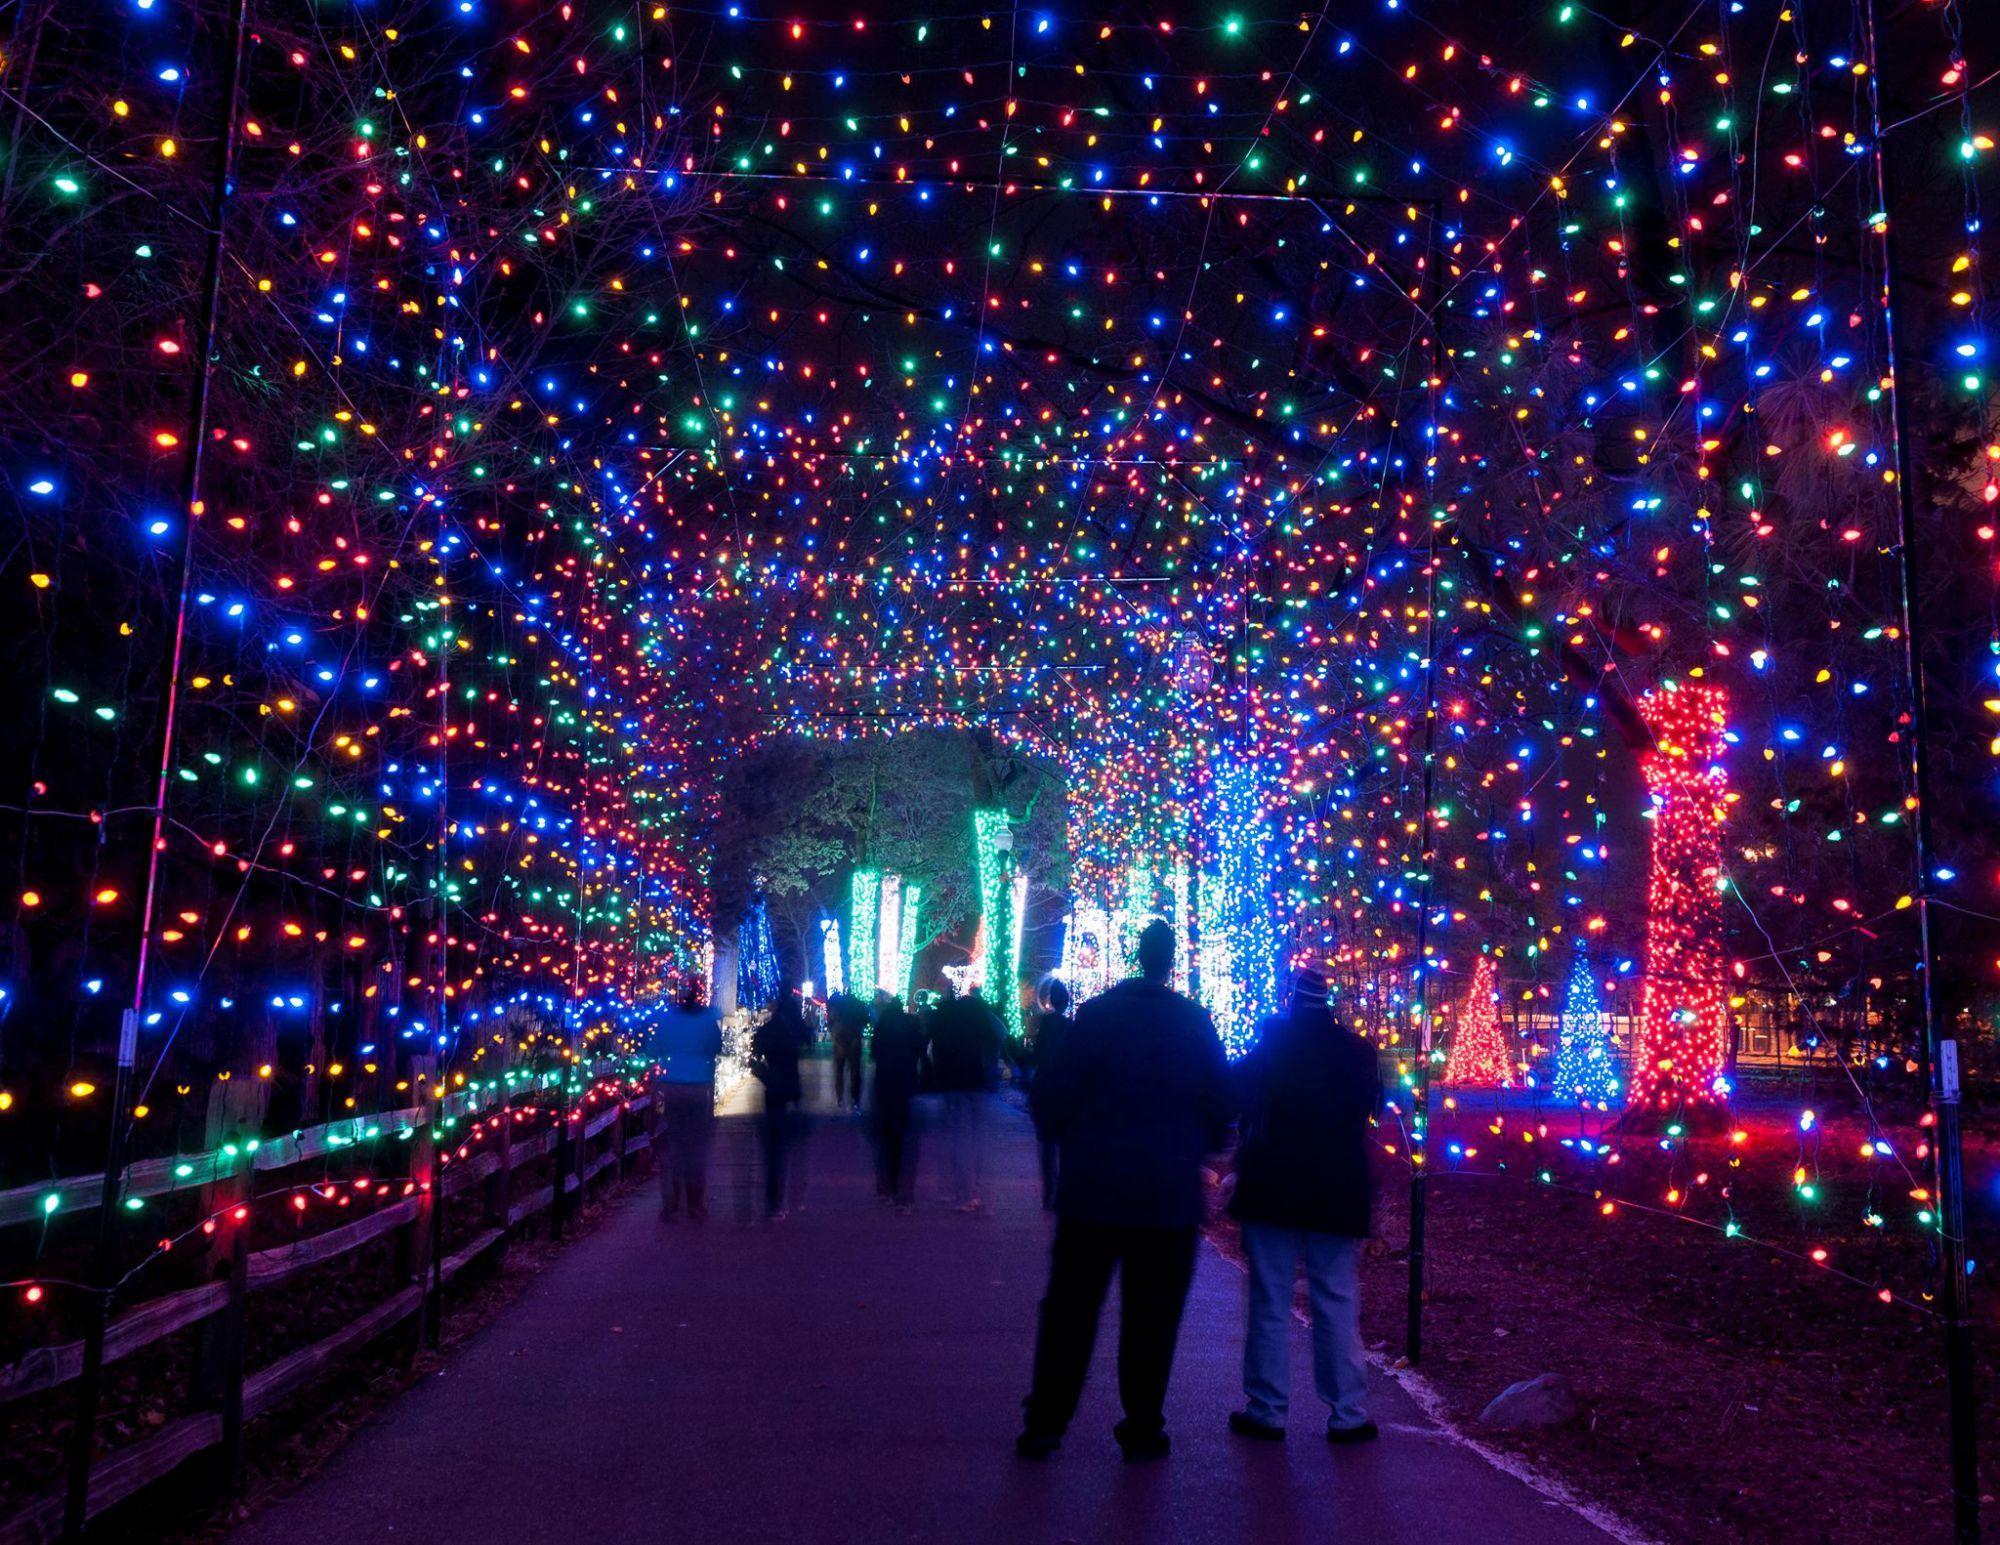 Minnesota Christmas Events 2019 minnesota zoo christmas lights | Get Into The Holiday 'Spirits' At